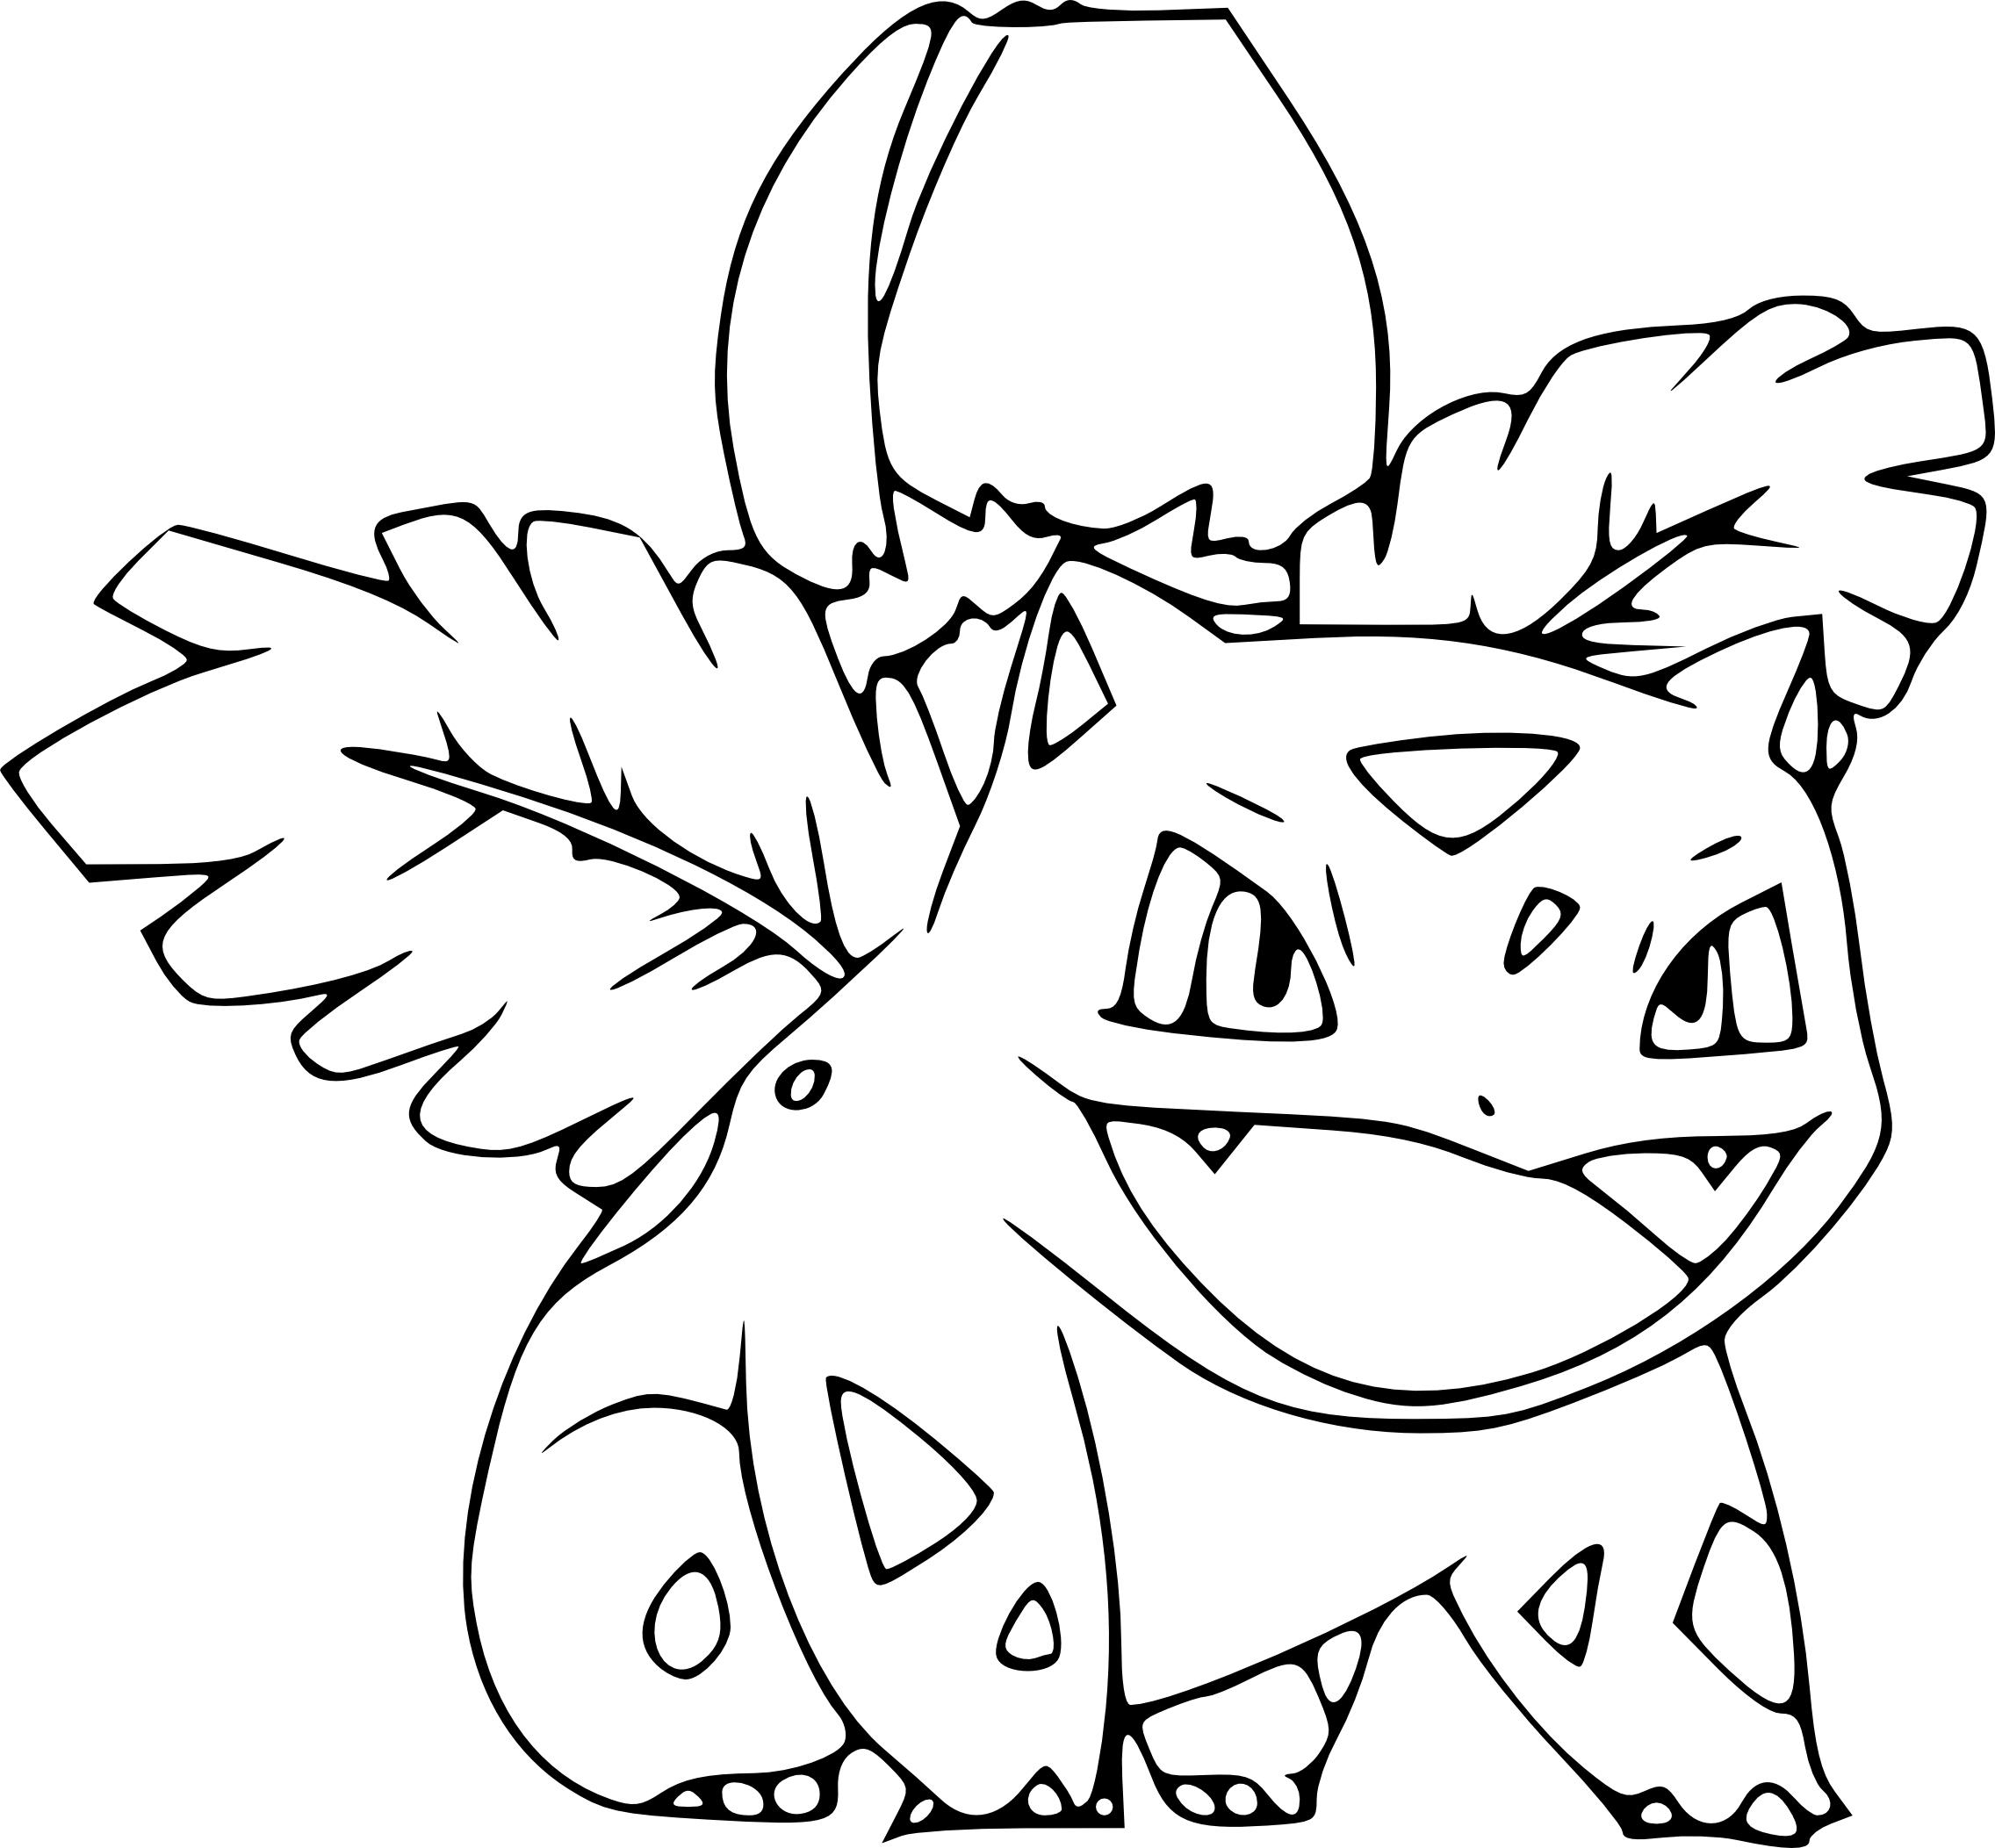 2272x2105 Pokemon Ivysaur Coloring Page